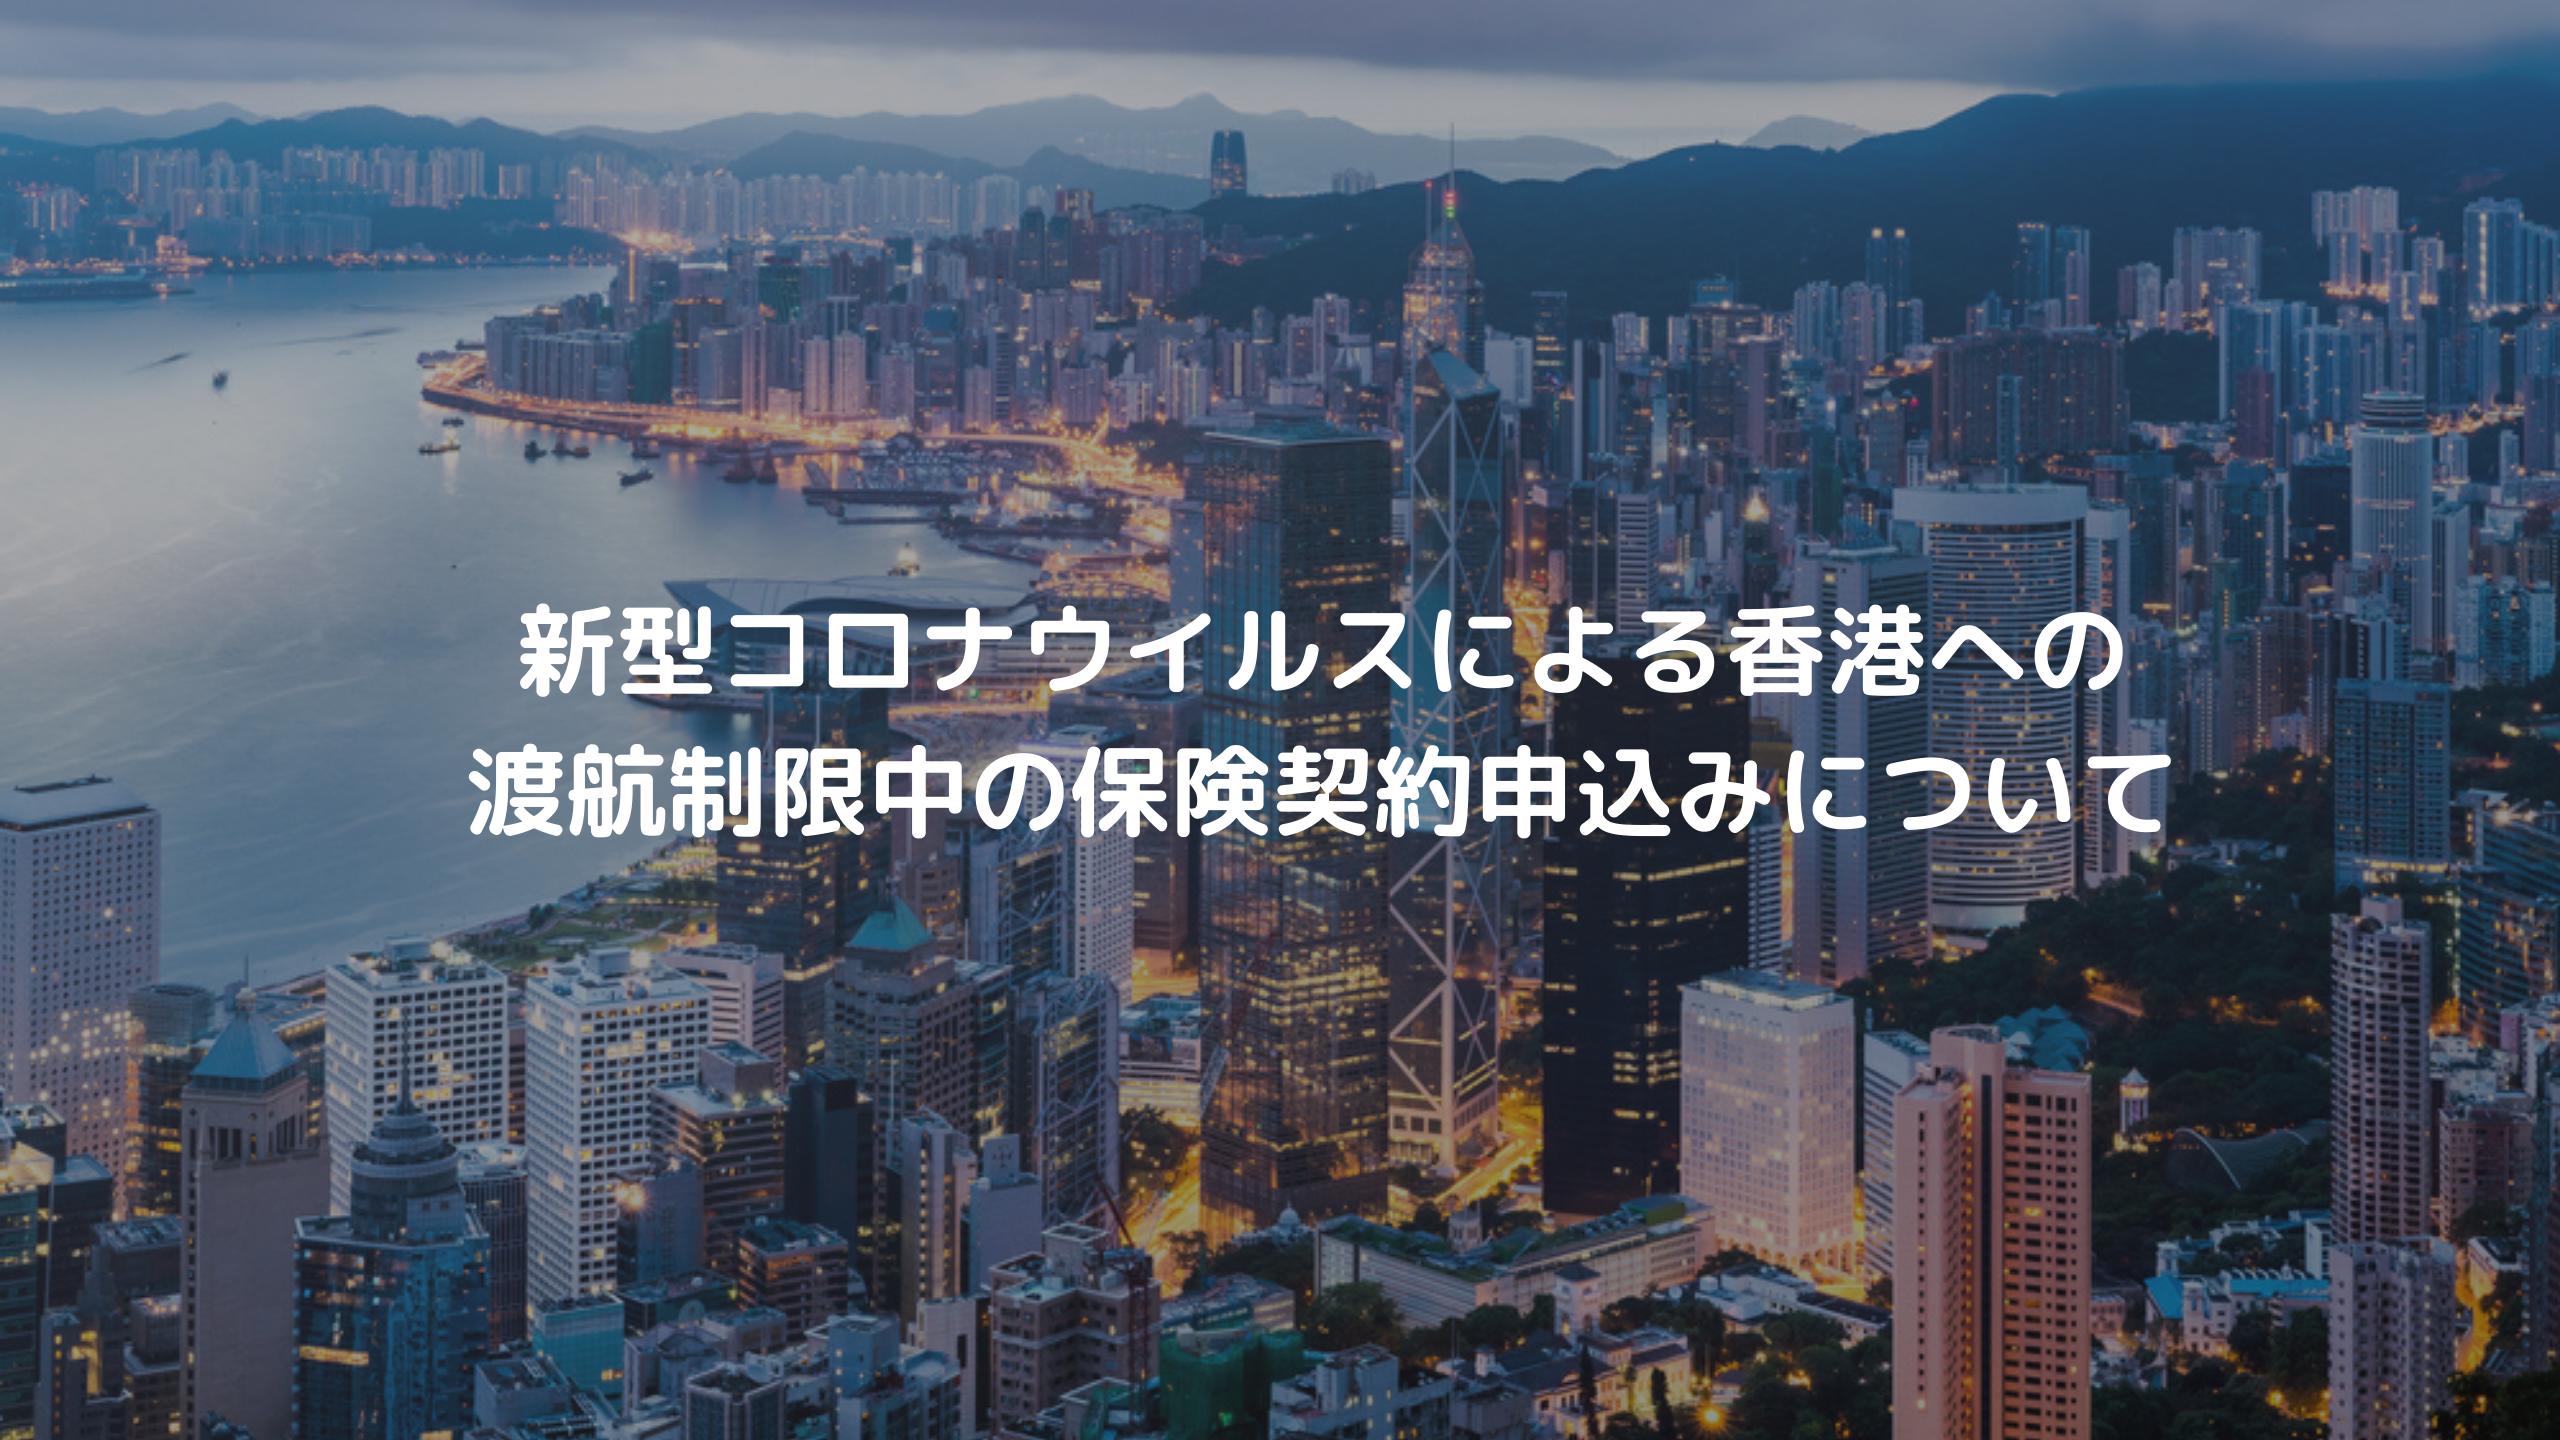 新型コロナウイルスによる香港への渡航制限中の保険契約申込みについて